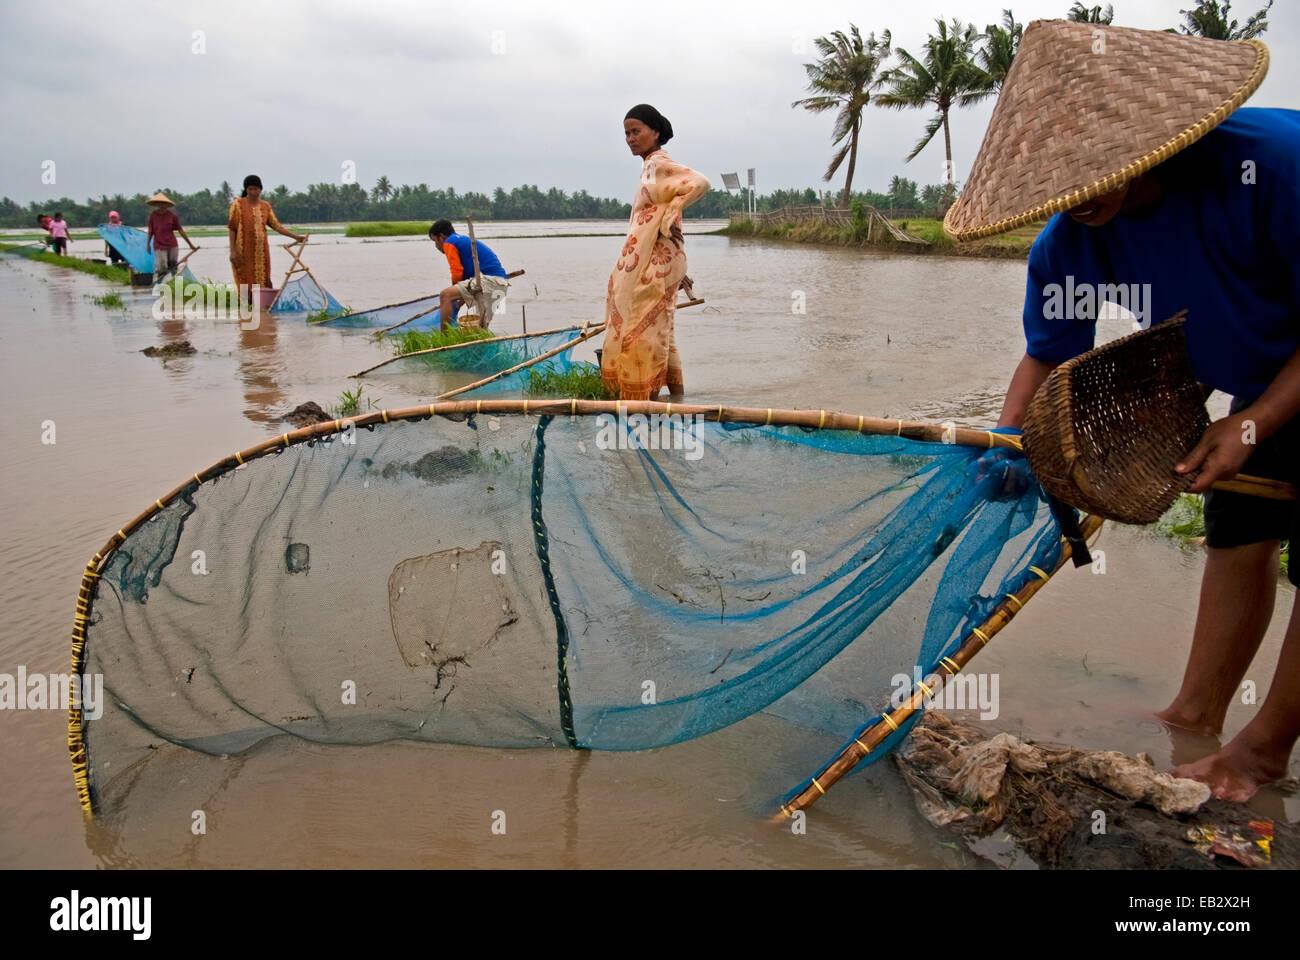 Gli agricoltori la pesca con reti da pesca, un'alternativa per il cibo quando i loro risaie inondate durante Immagini Stock